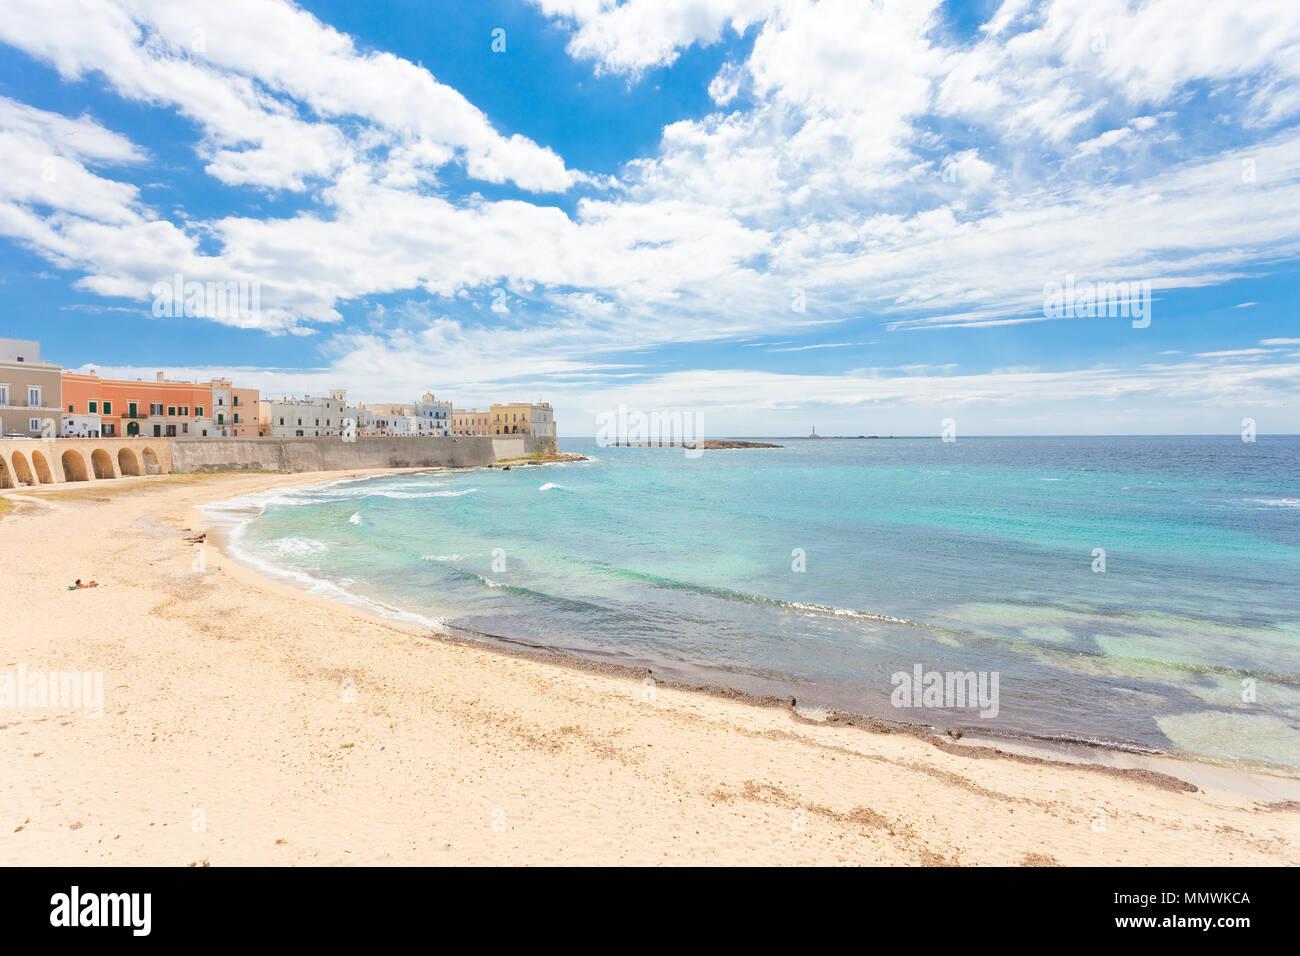 Gallipoli, Apulien, Italien - Relaxen am Strand von einem mittleren Alter Stadt Stockfoto